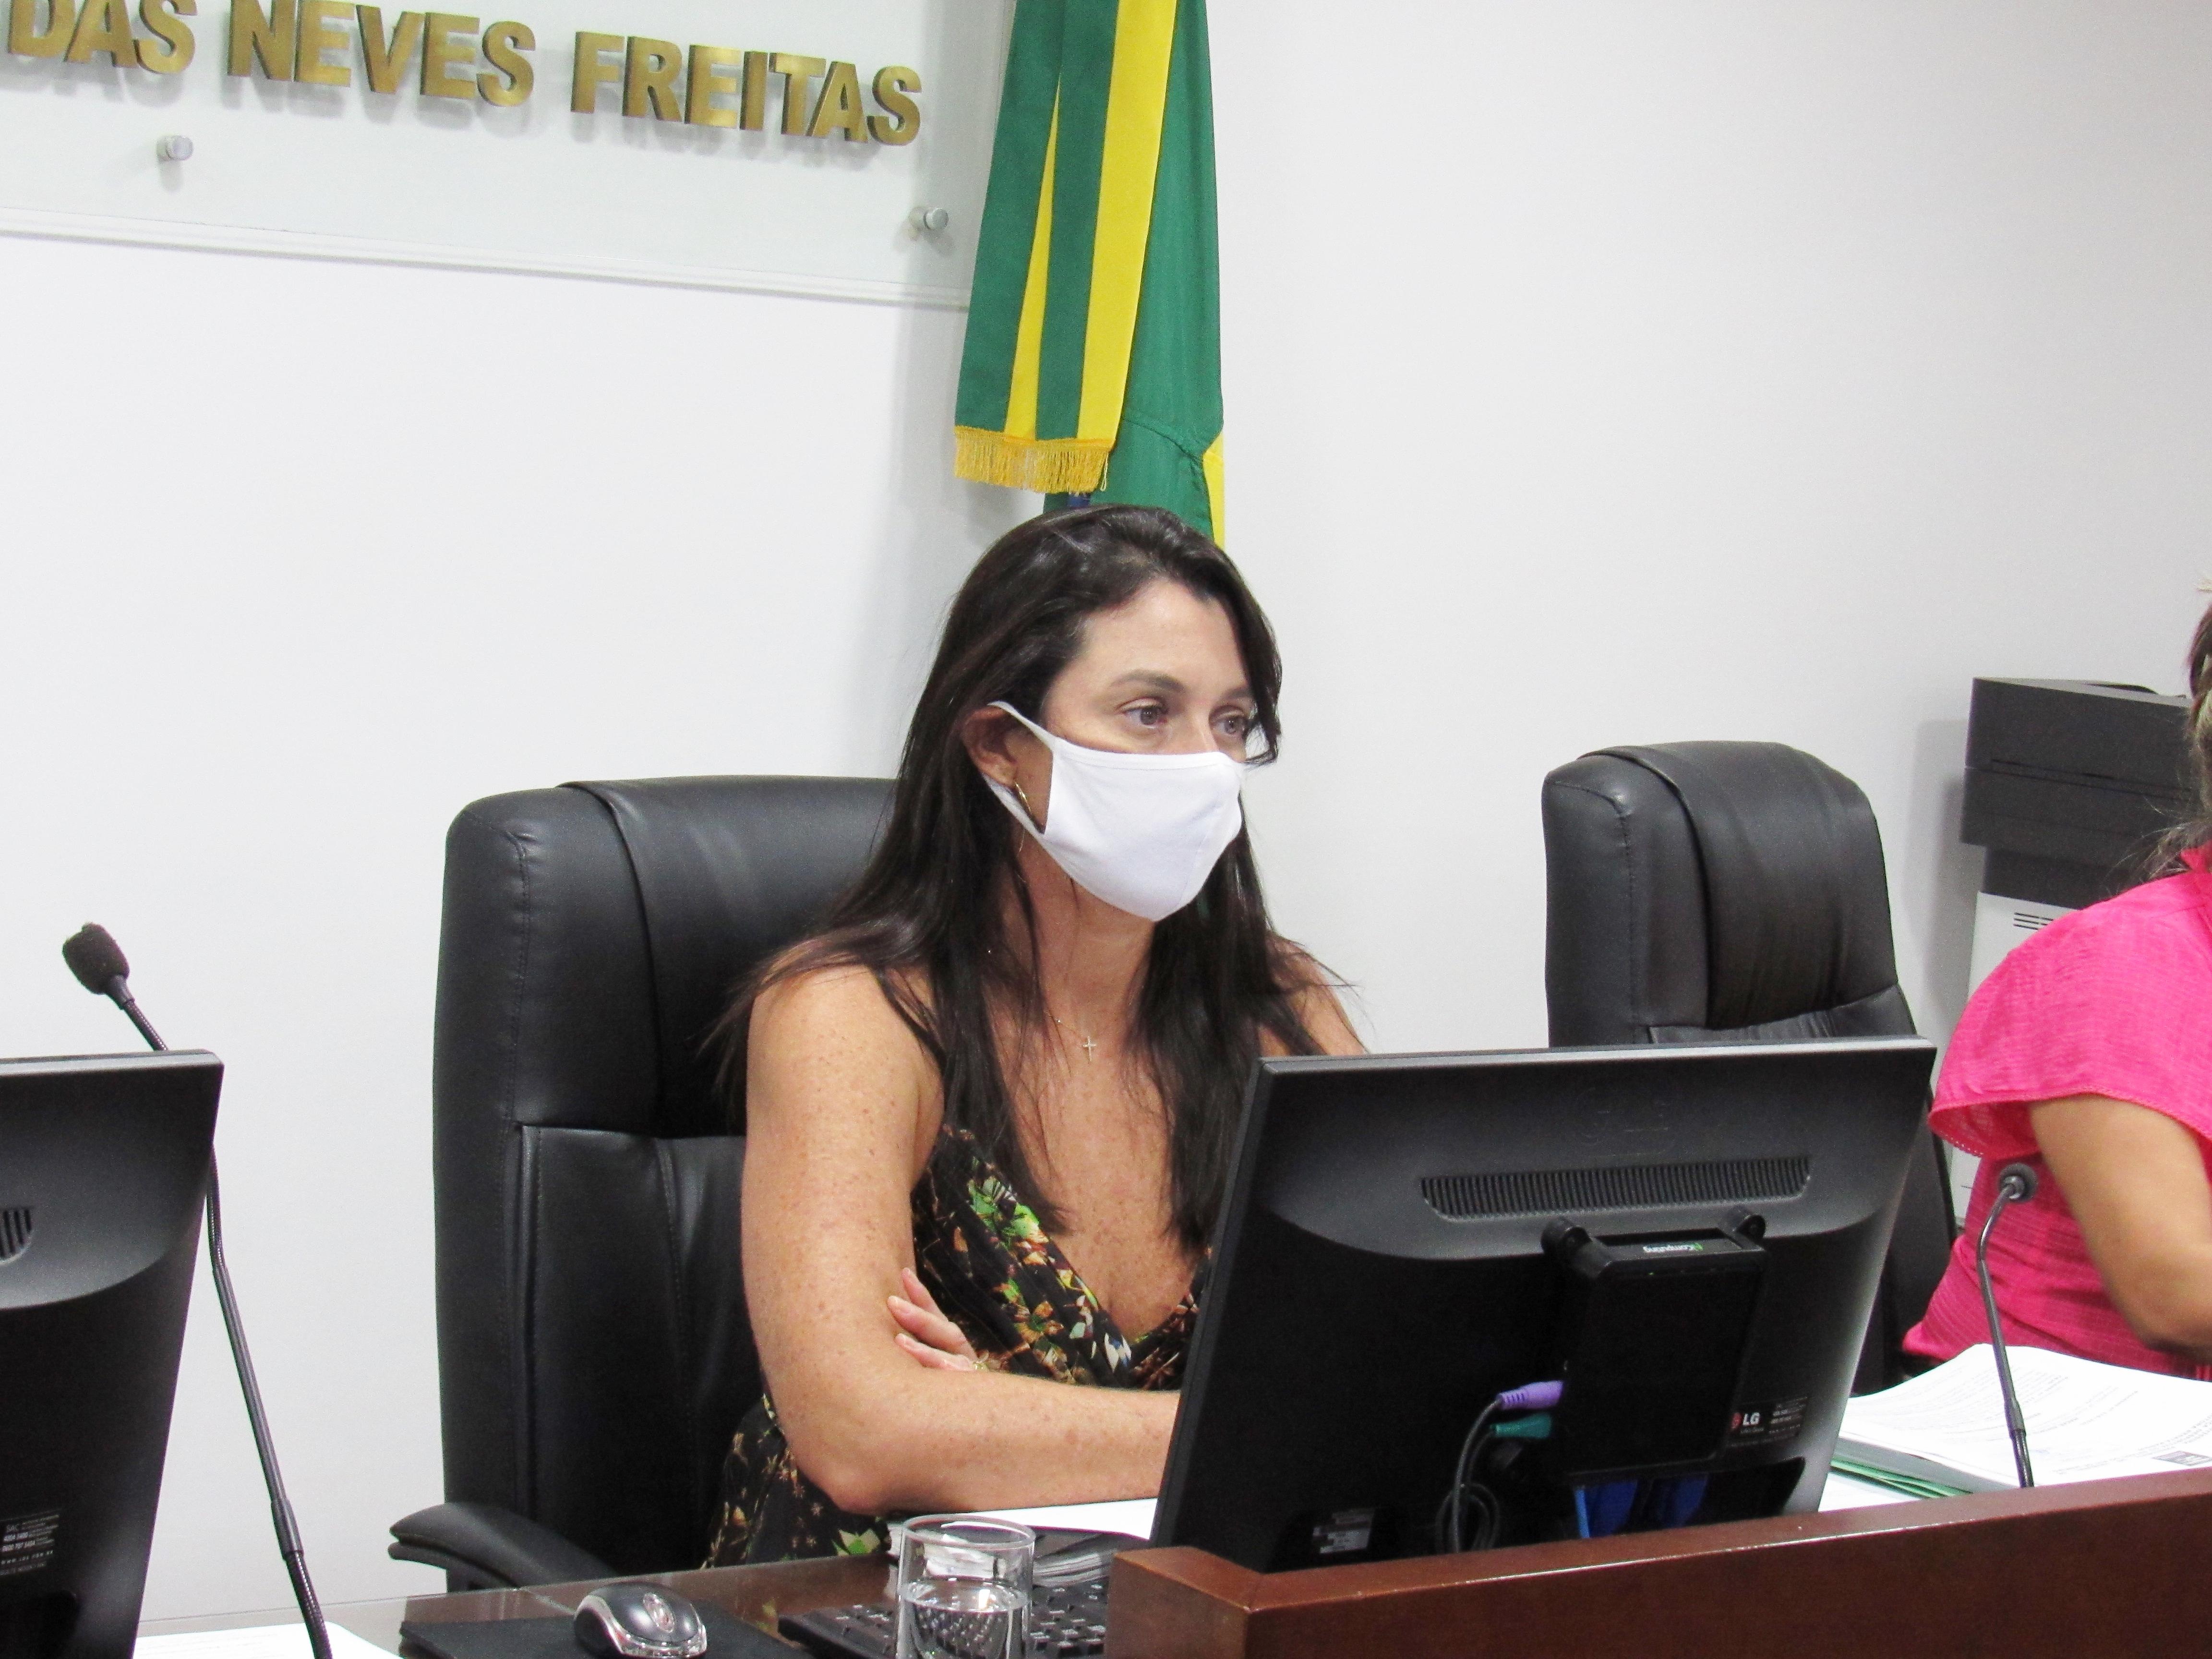 Notícia de Infração por escalação irregular de atleta do Goytacaz é considerada nula